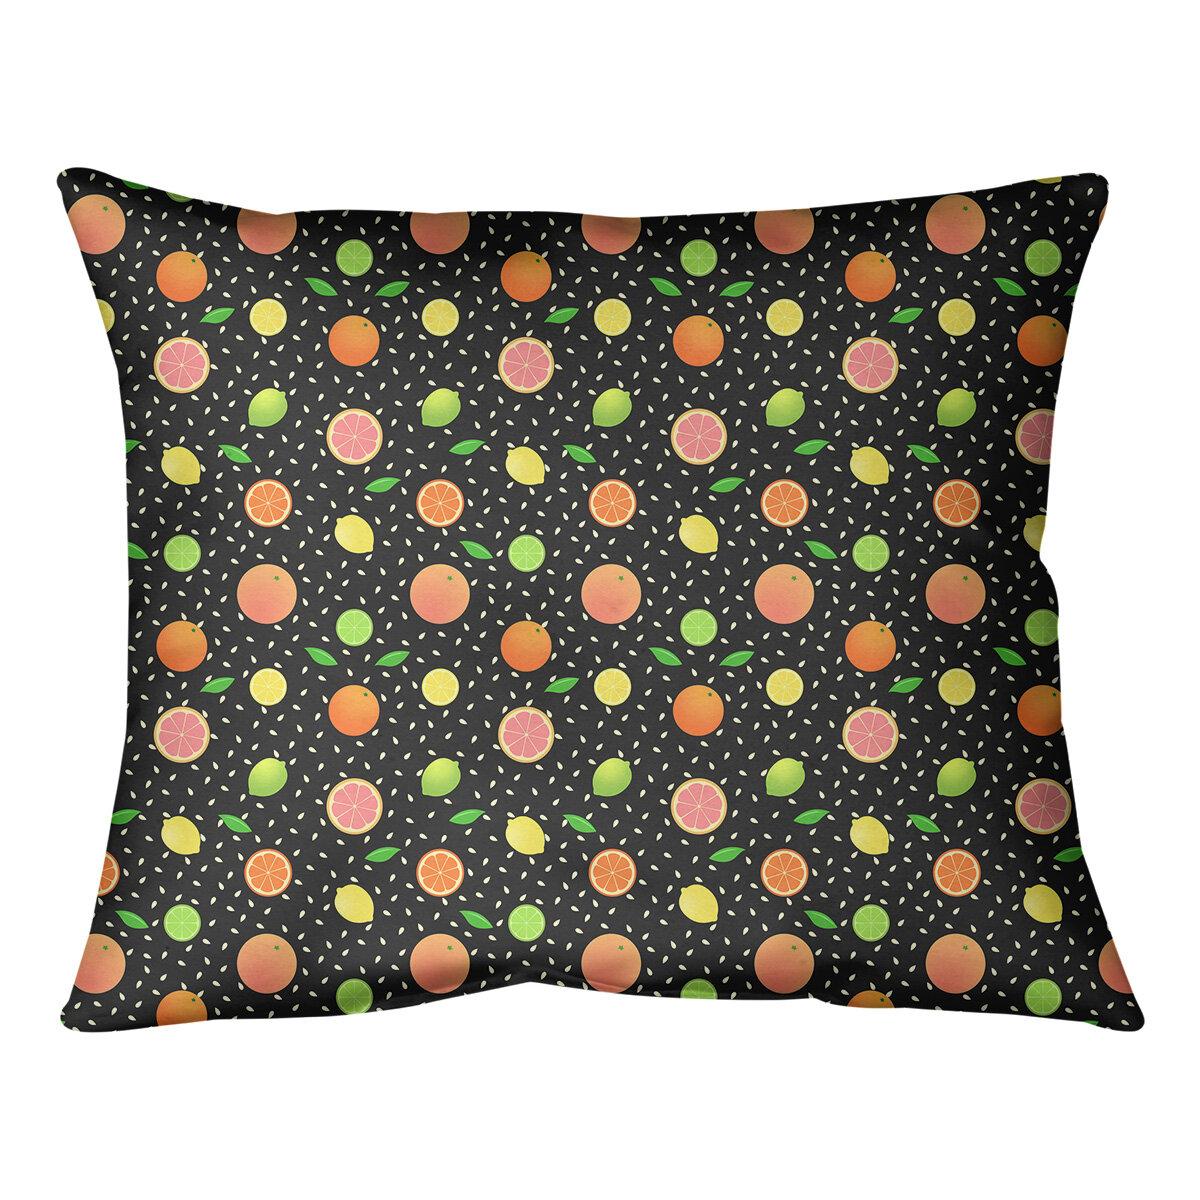 East Urban Home Mcguigan Citrus Fruit Lumbar Pillow Wayfair